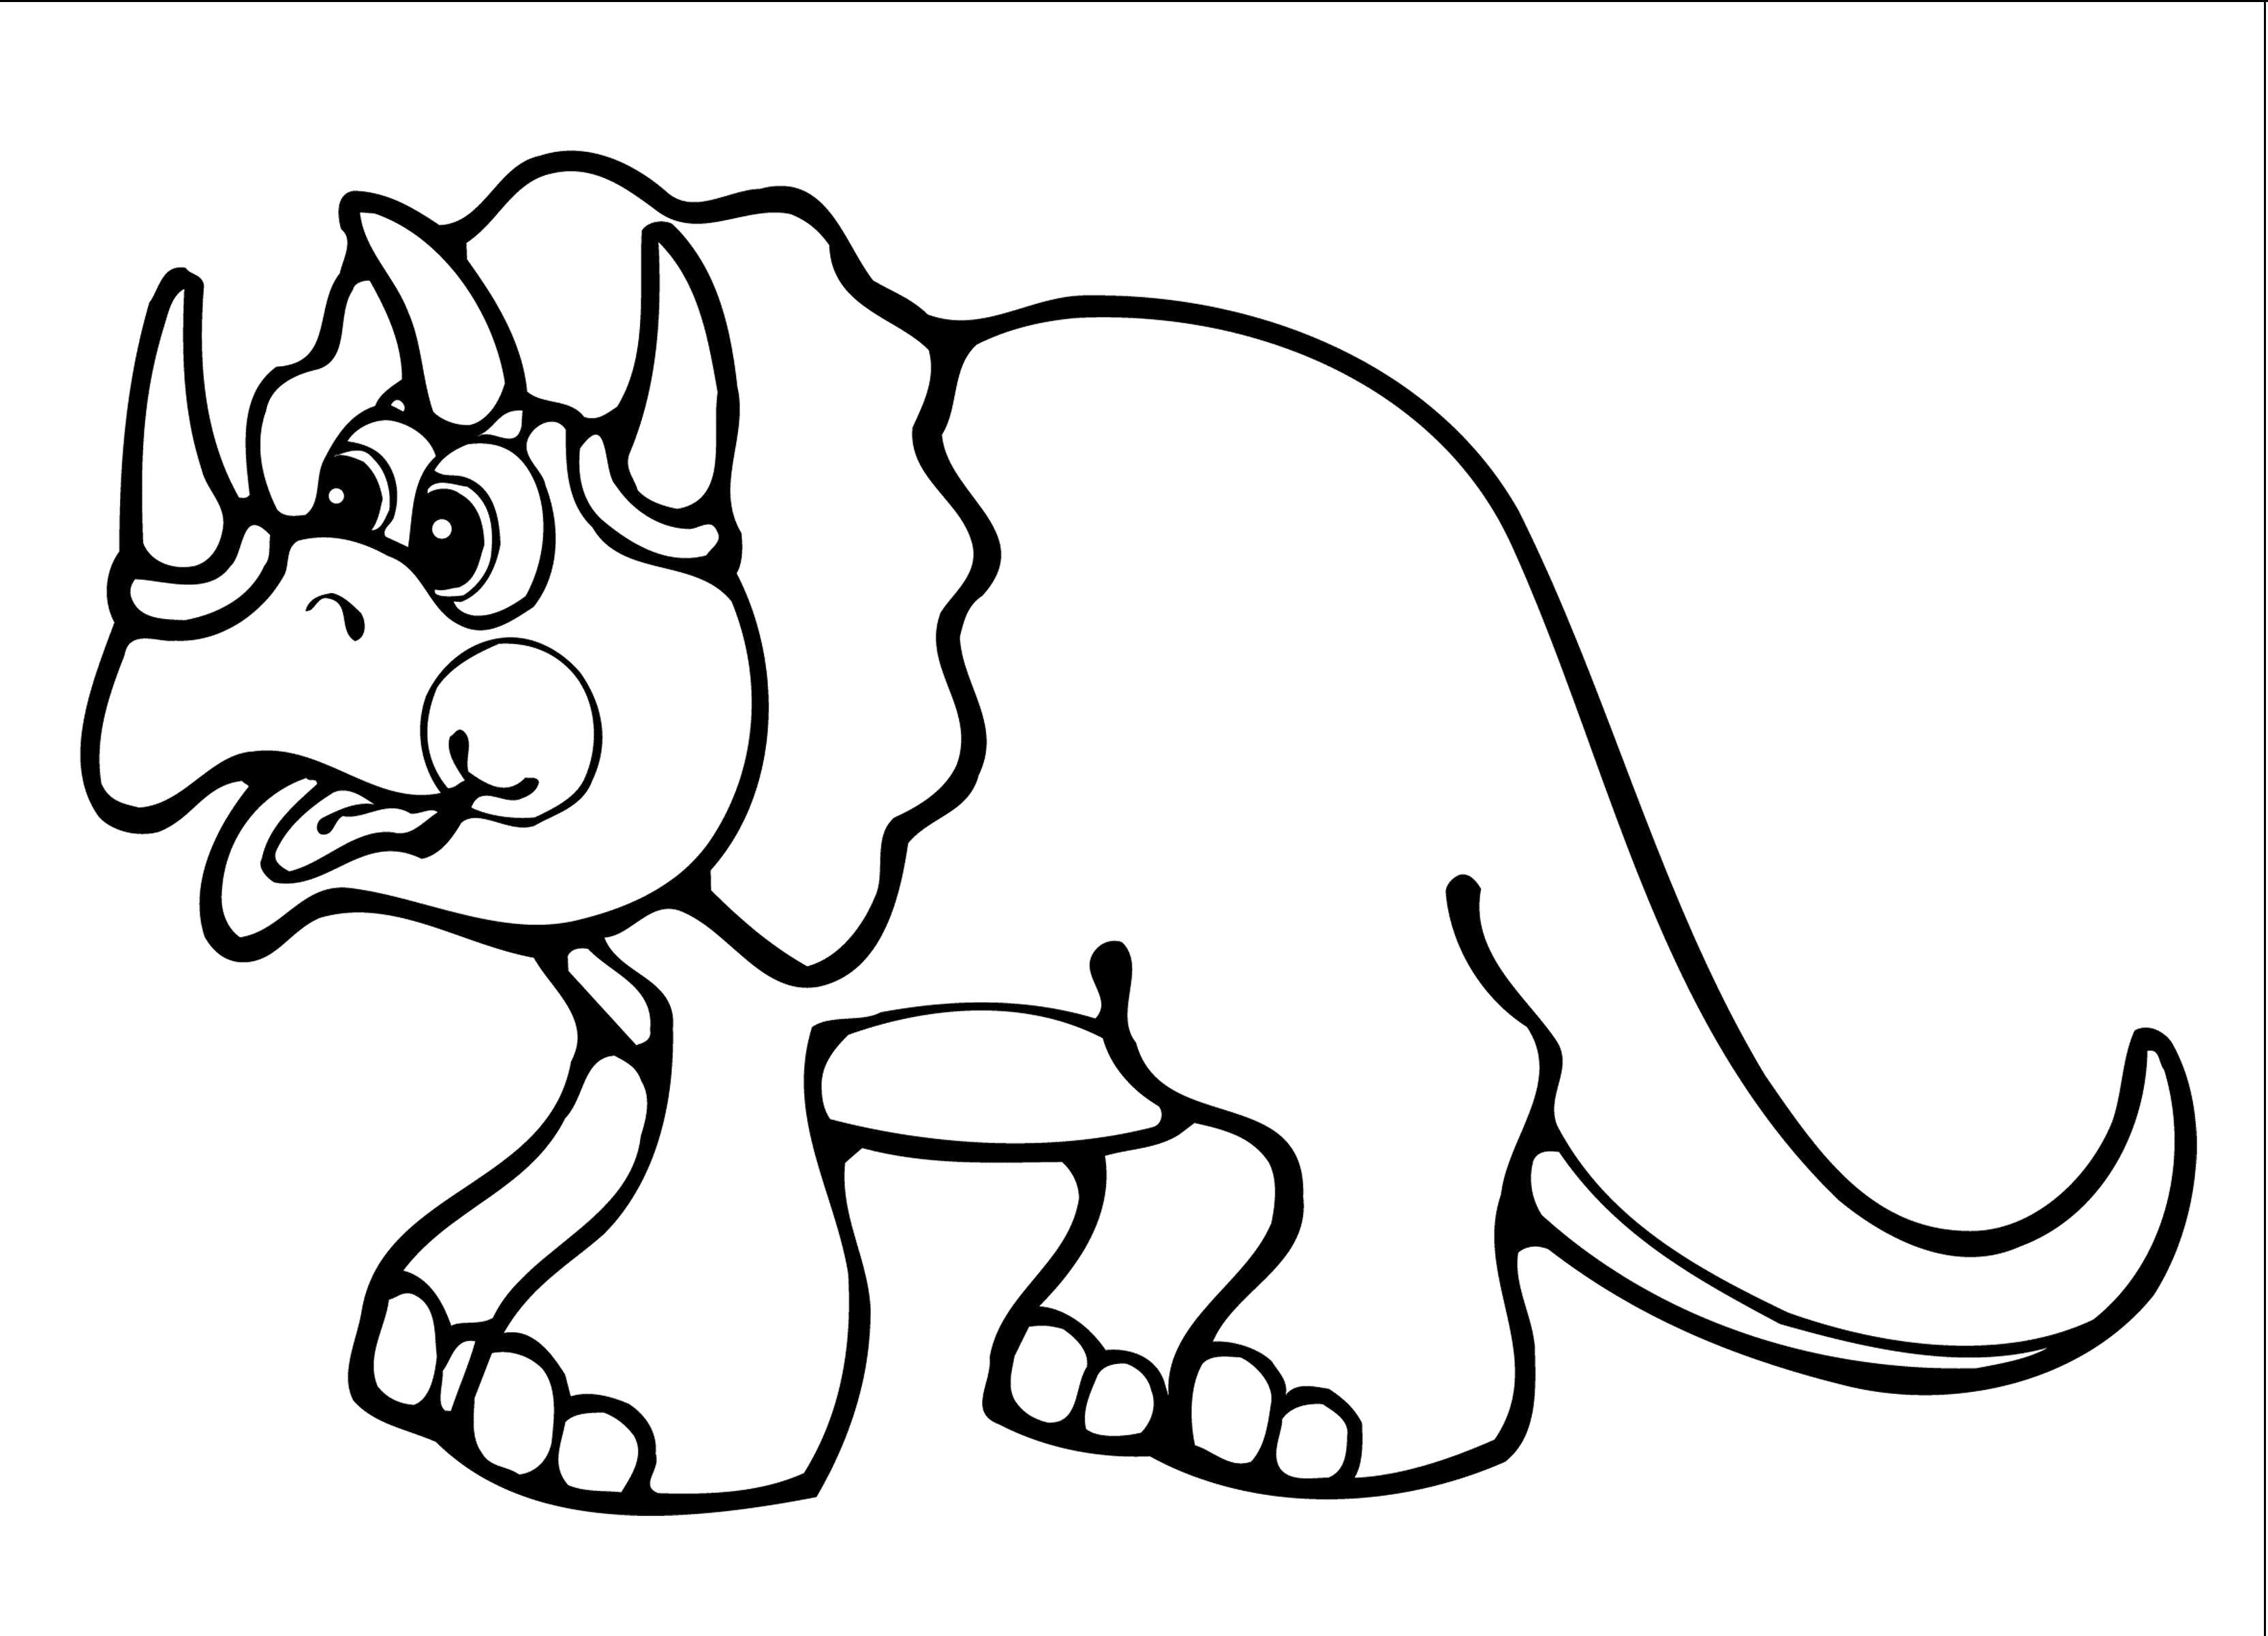 рисунок динозавра для раскрашивания